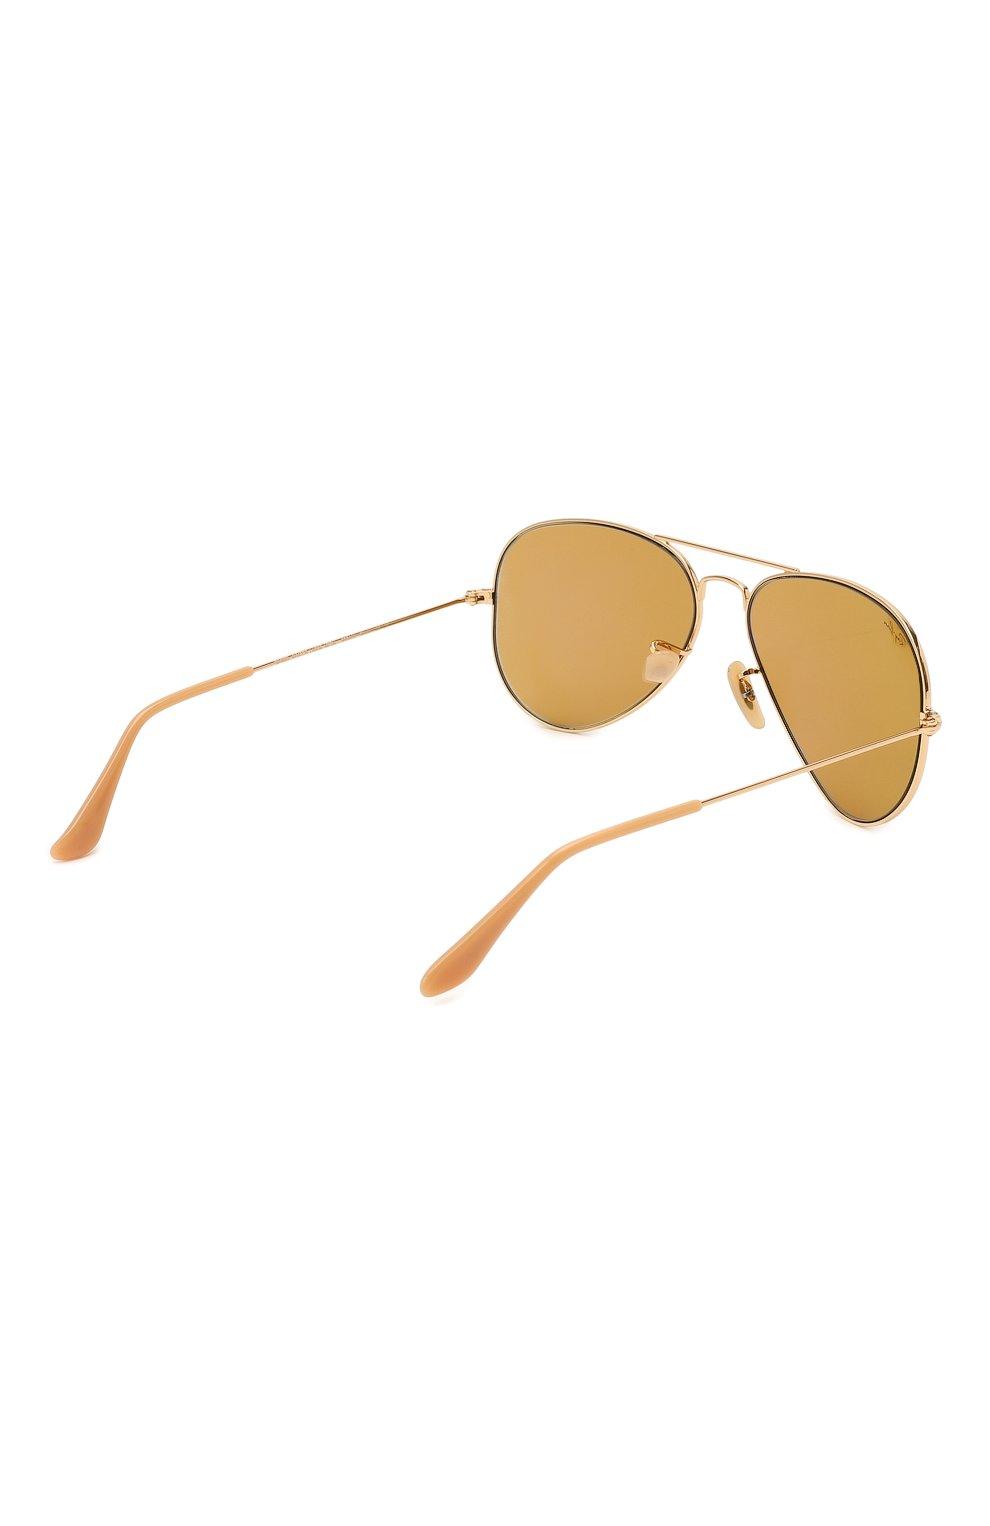 Женские солнцезащитные очки RAY-BAN золотого цвета, арт. 3025-90644I   Фото 5